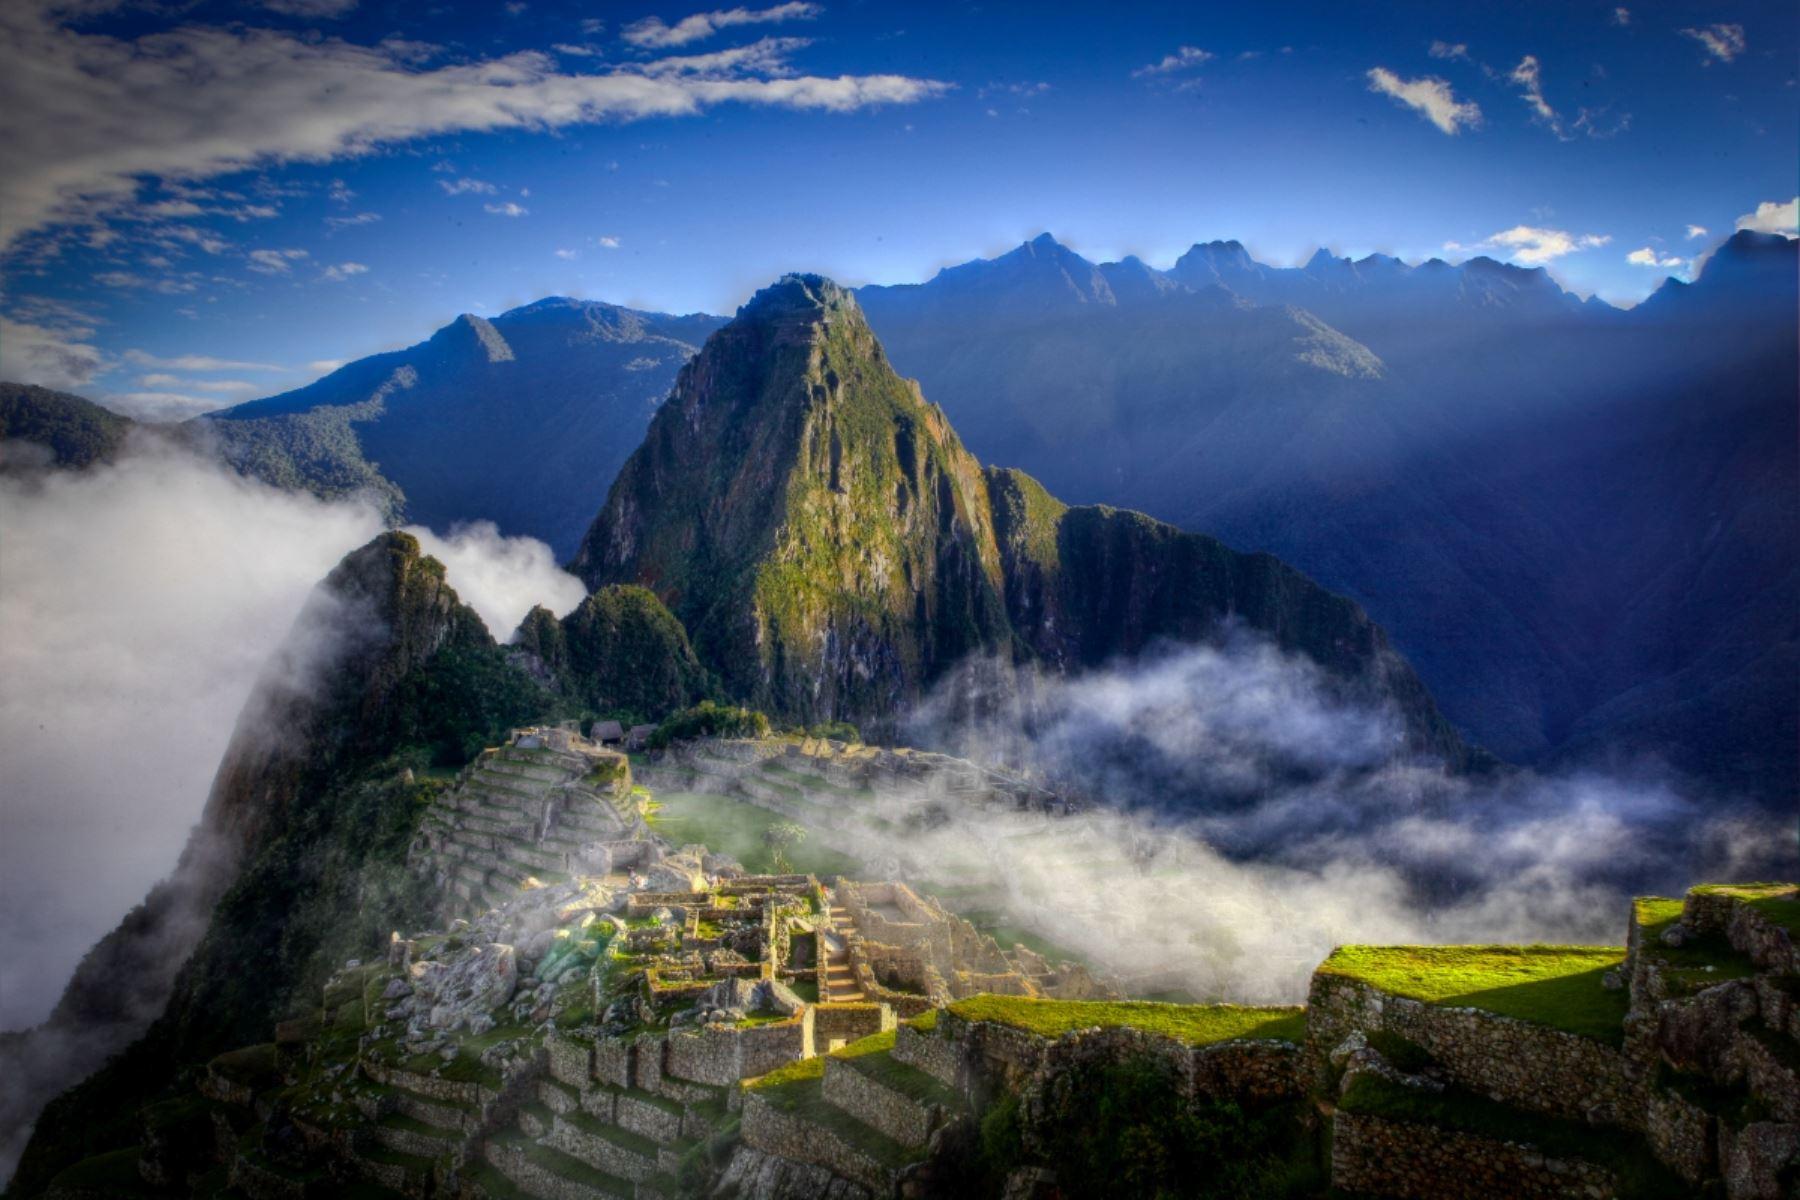 El Poder Judicial determinó que el parque arqueológico Machu Picchu, en Cusco, es propiedad del Estado peruano.